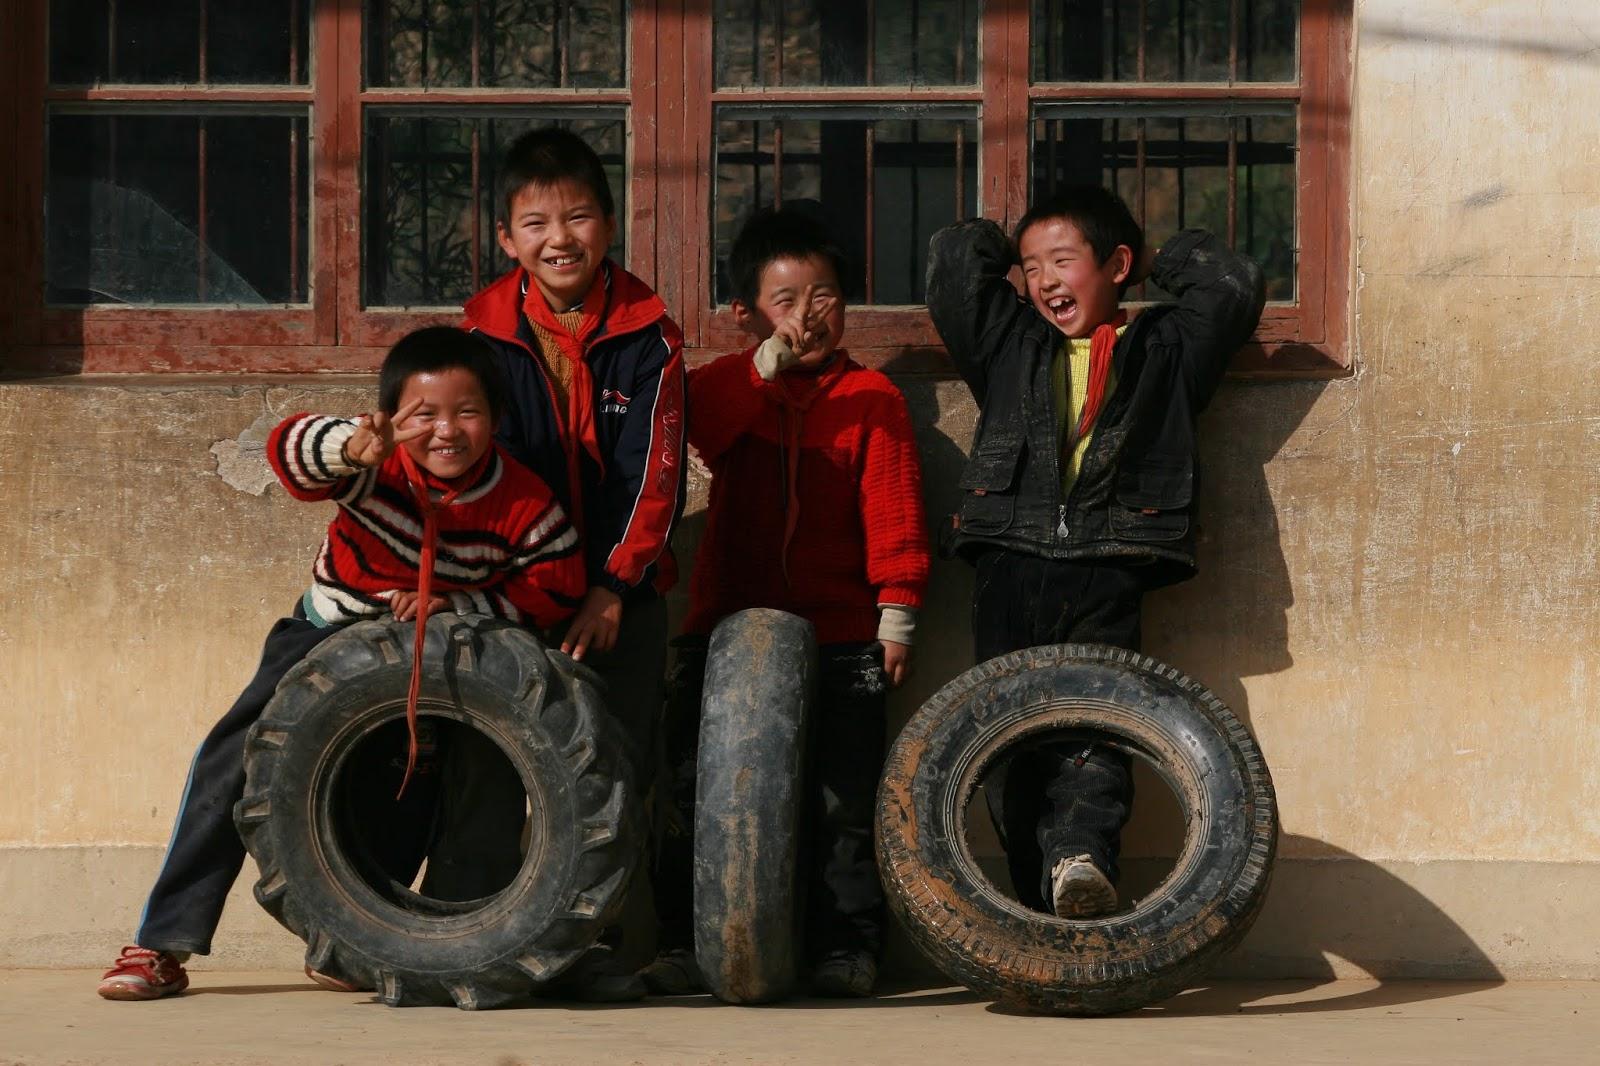 Quatro meninos chineses sorridentes posam para foto encostados em uma parede ilustra este post sobre o Shijing, o Livro das Canções.